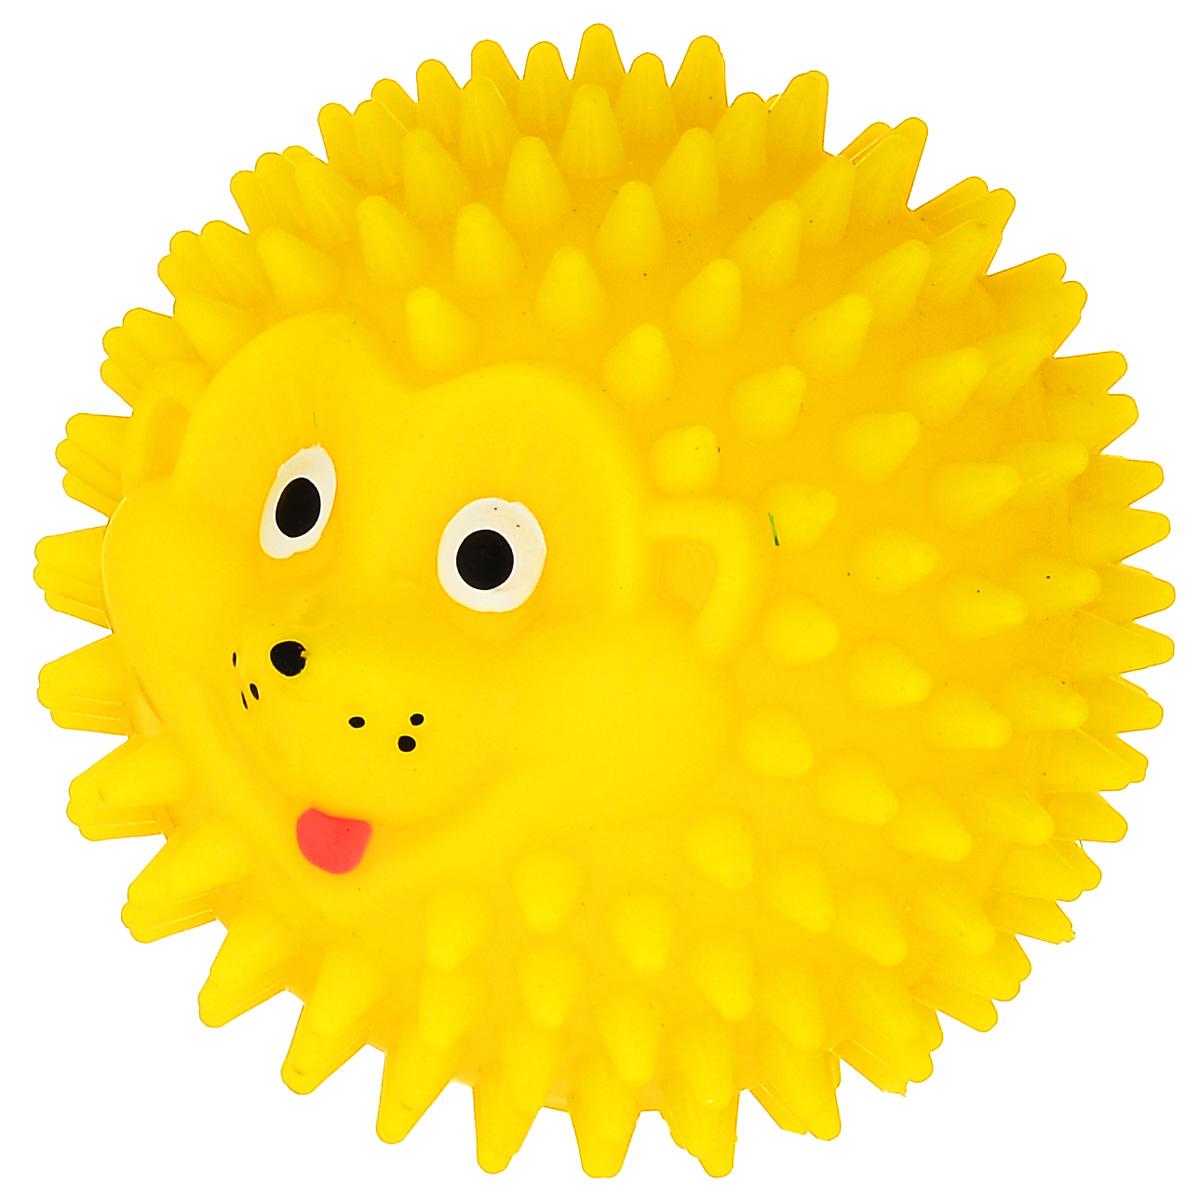 Массажер Дельтатерм Шарик-Ежик, цвет: желтый, диаметр 85 мм00-00000228_желтыйС помощью массажного мяча Шарик-Ежик можно самостоятельно проводить мягкий массаж ладоней, стоп и всего тела. Такой массаж способствует повышению кожно-мышечного тонуса, уменьшению венозного застоя и ускорению капиллярного кровотока, улучшению функционирования периферической и центральной нервных систем. Идеально подходит для проведения массажа у маленьких детей. Развивает мышление, координацию движений и совершенствует моторику нежных пальчиков малыша и является интересной веселой игрушкой.